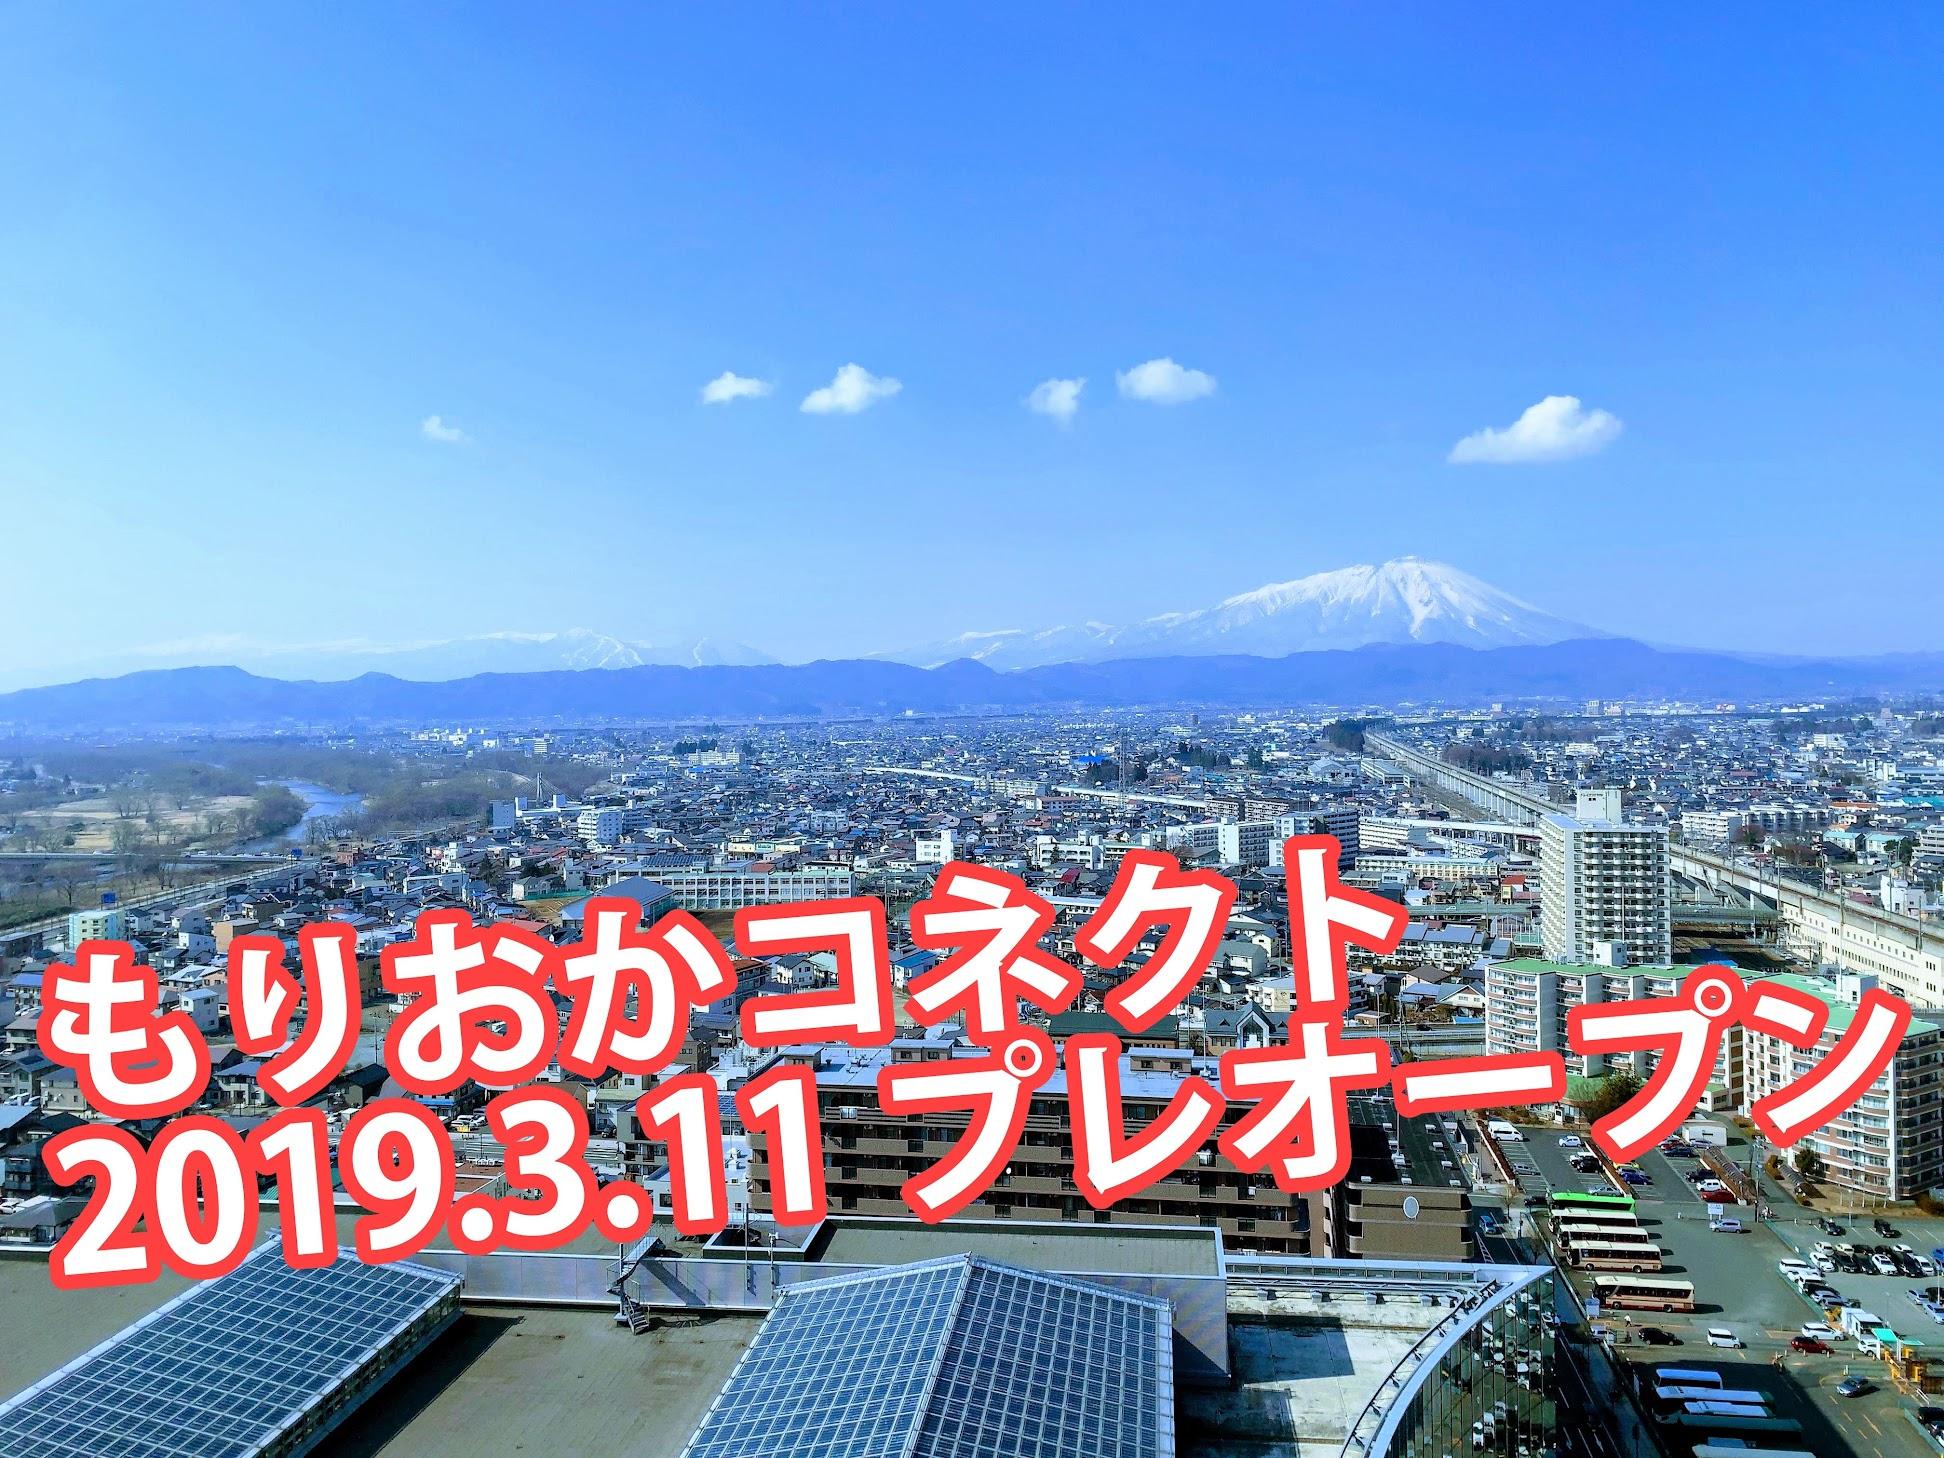 もりおかコネクト 2019.3.11 プレオープン